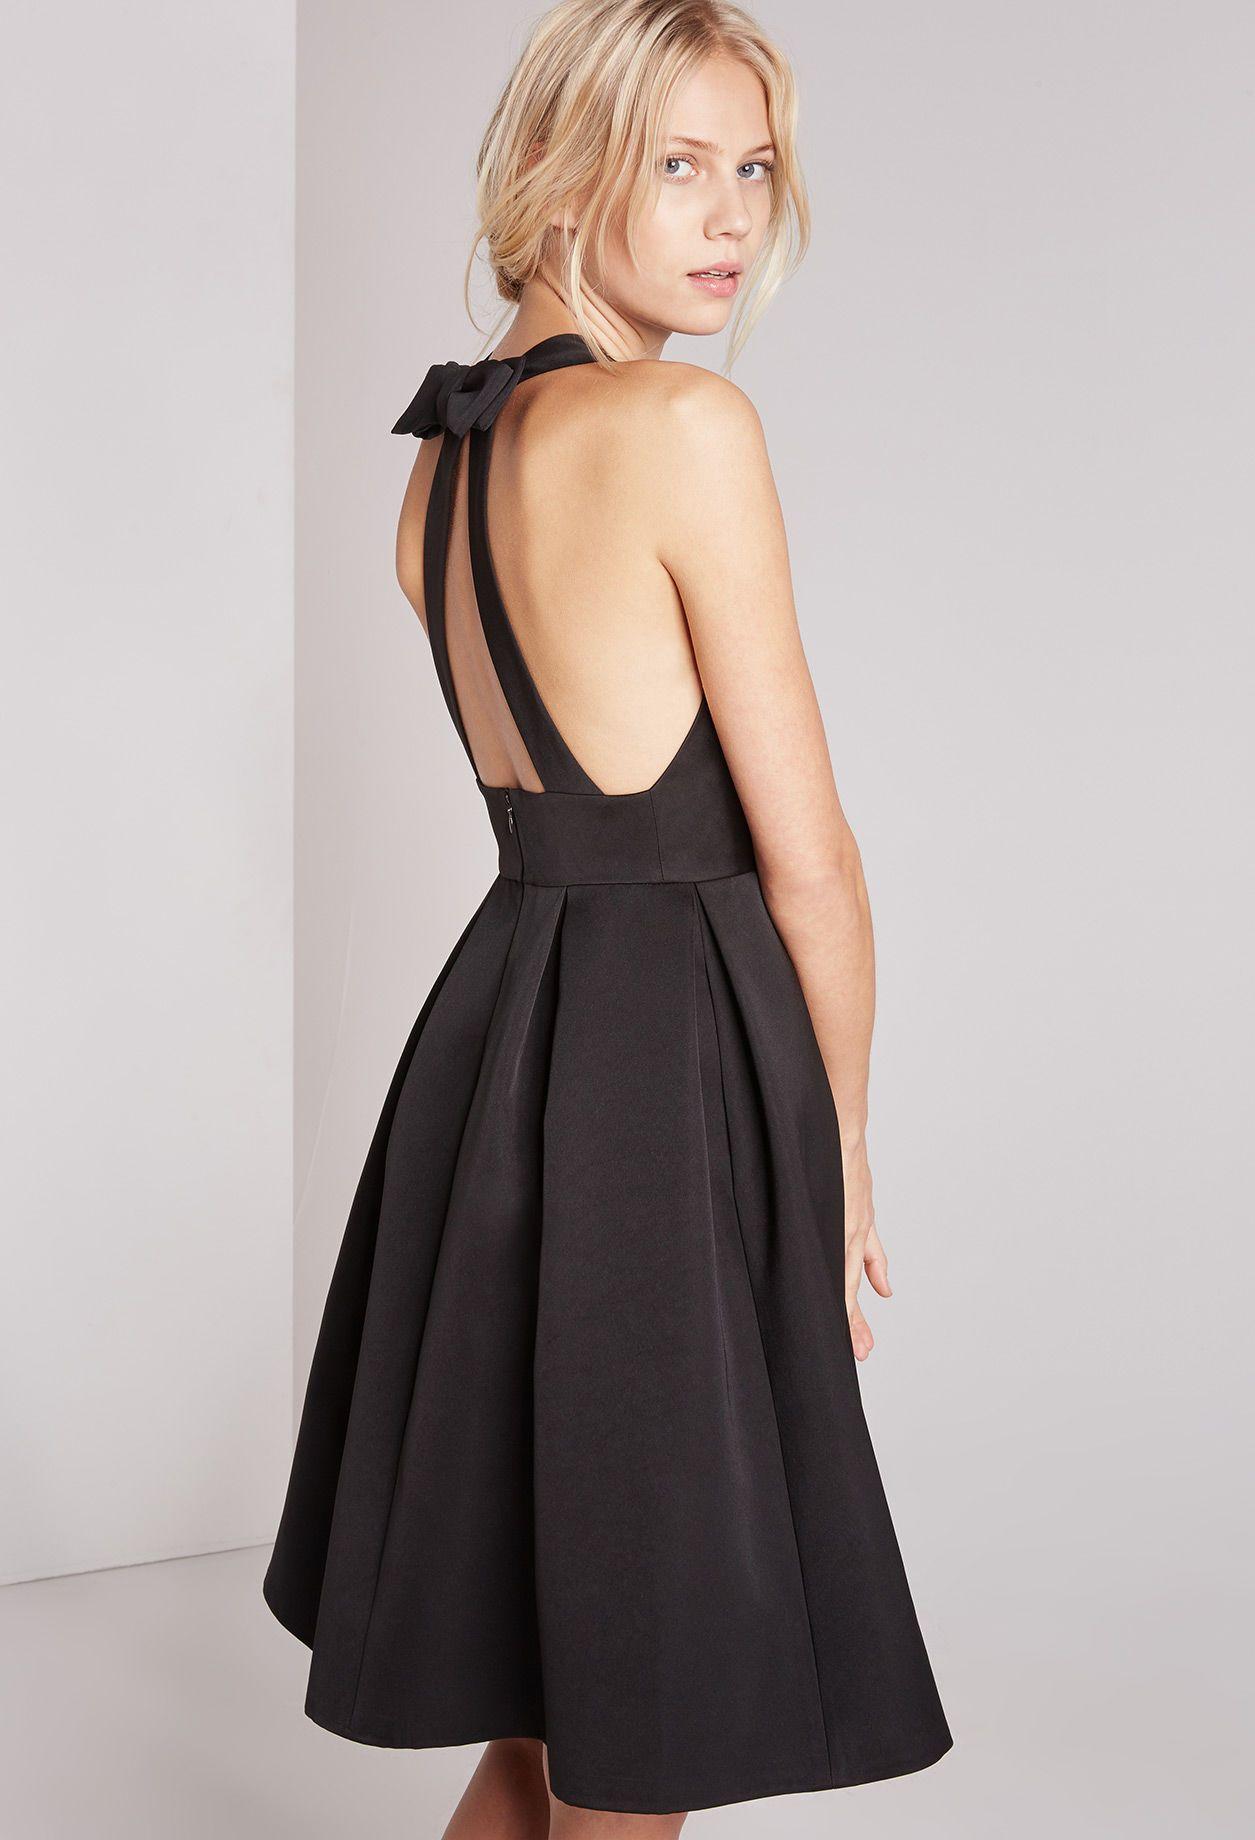 Petite Robe La Robes Fêtes De Noire Tenue Mode Robe Pour dxwzqf7cvz